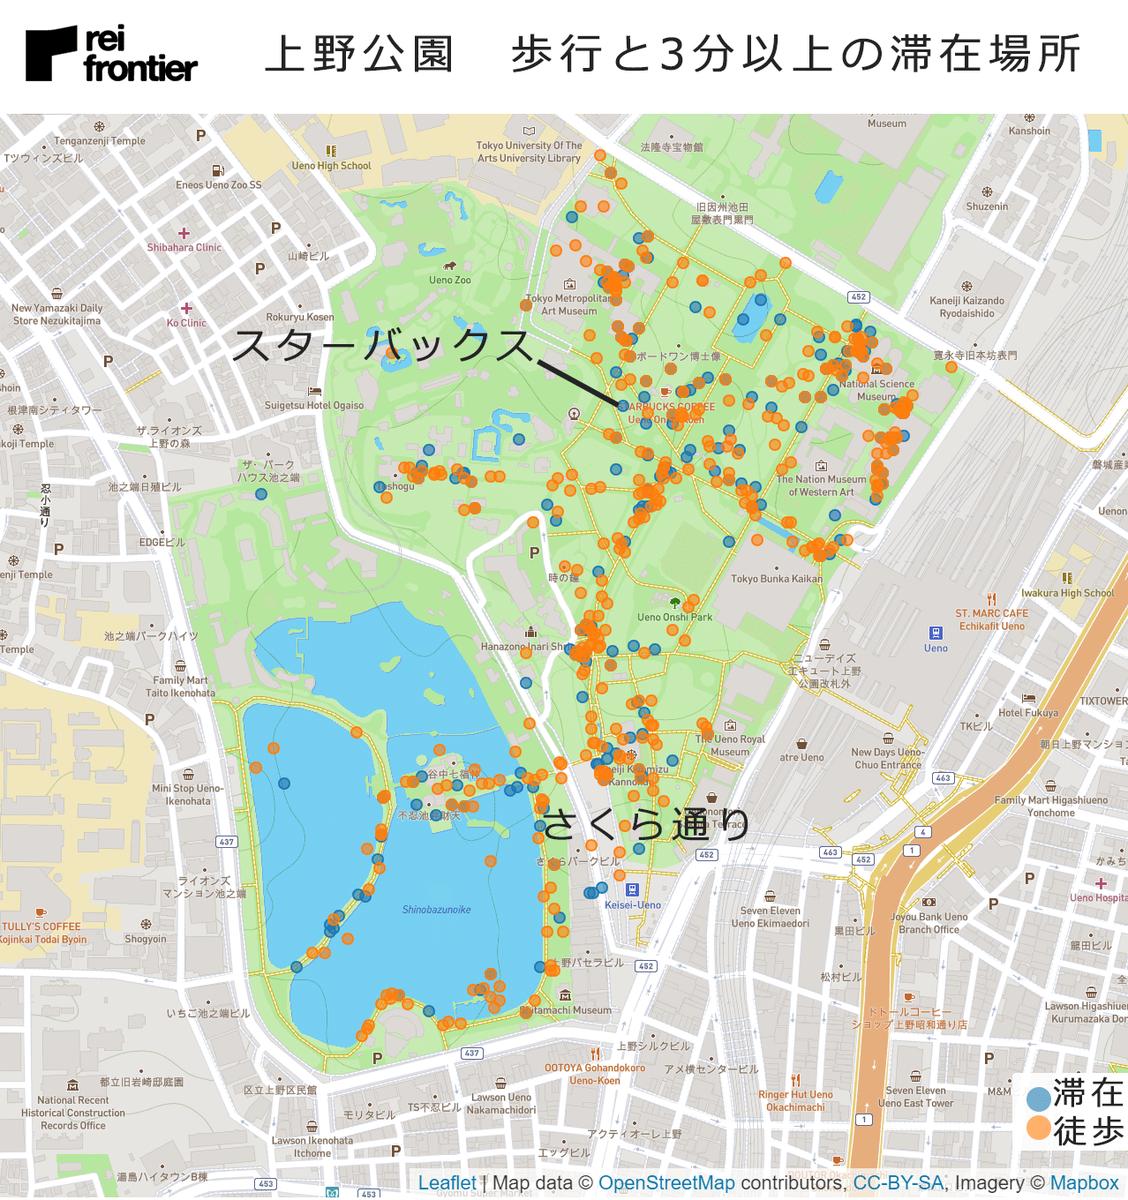 上野公園 歩行と3分以上の滞在場所